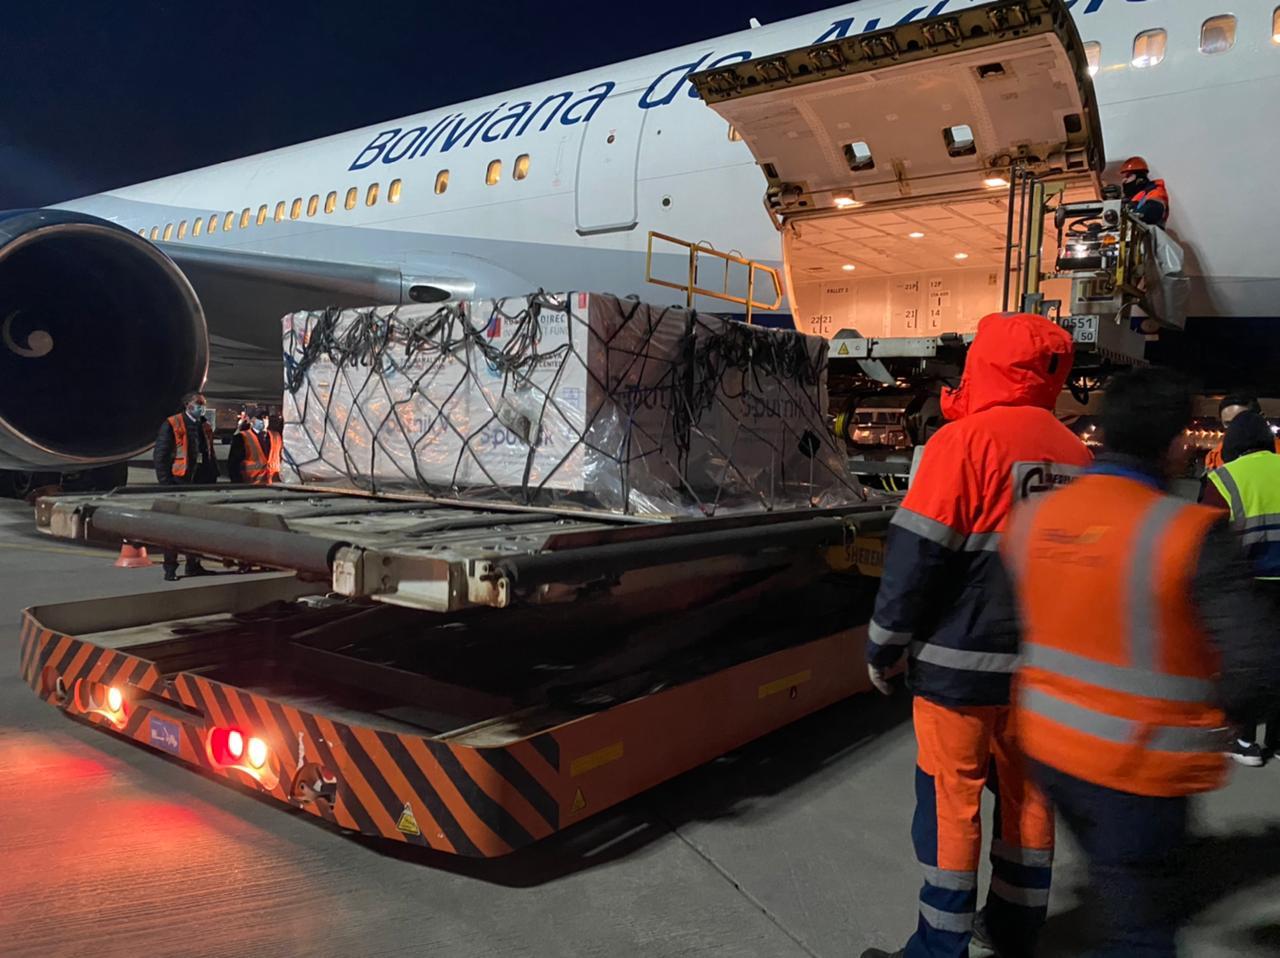 Llegan a Bolivia 200.000 dosis de Sputnik V y Argentina empieza a producirla localmente